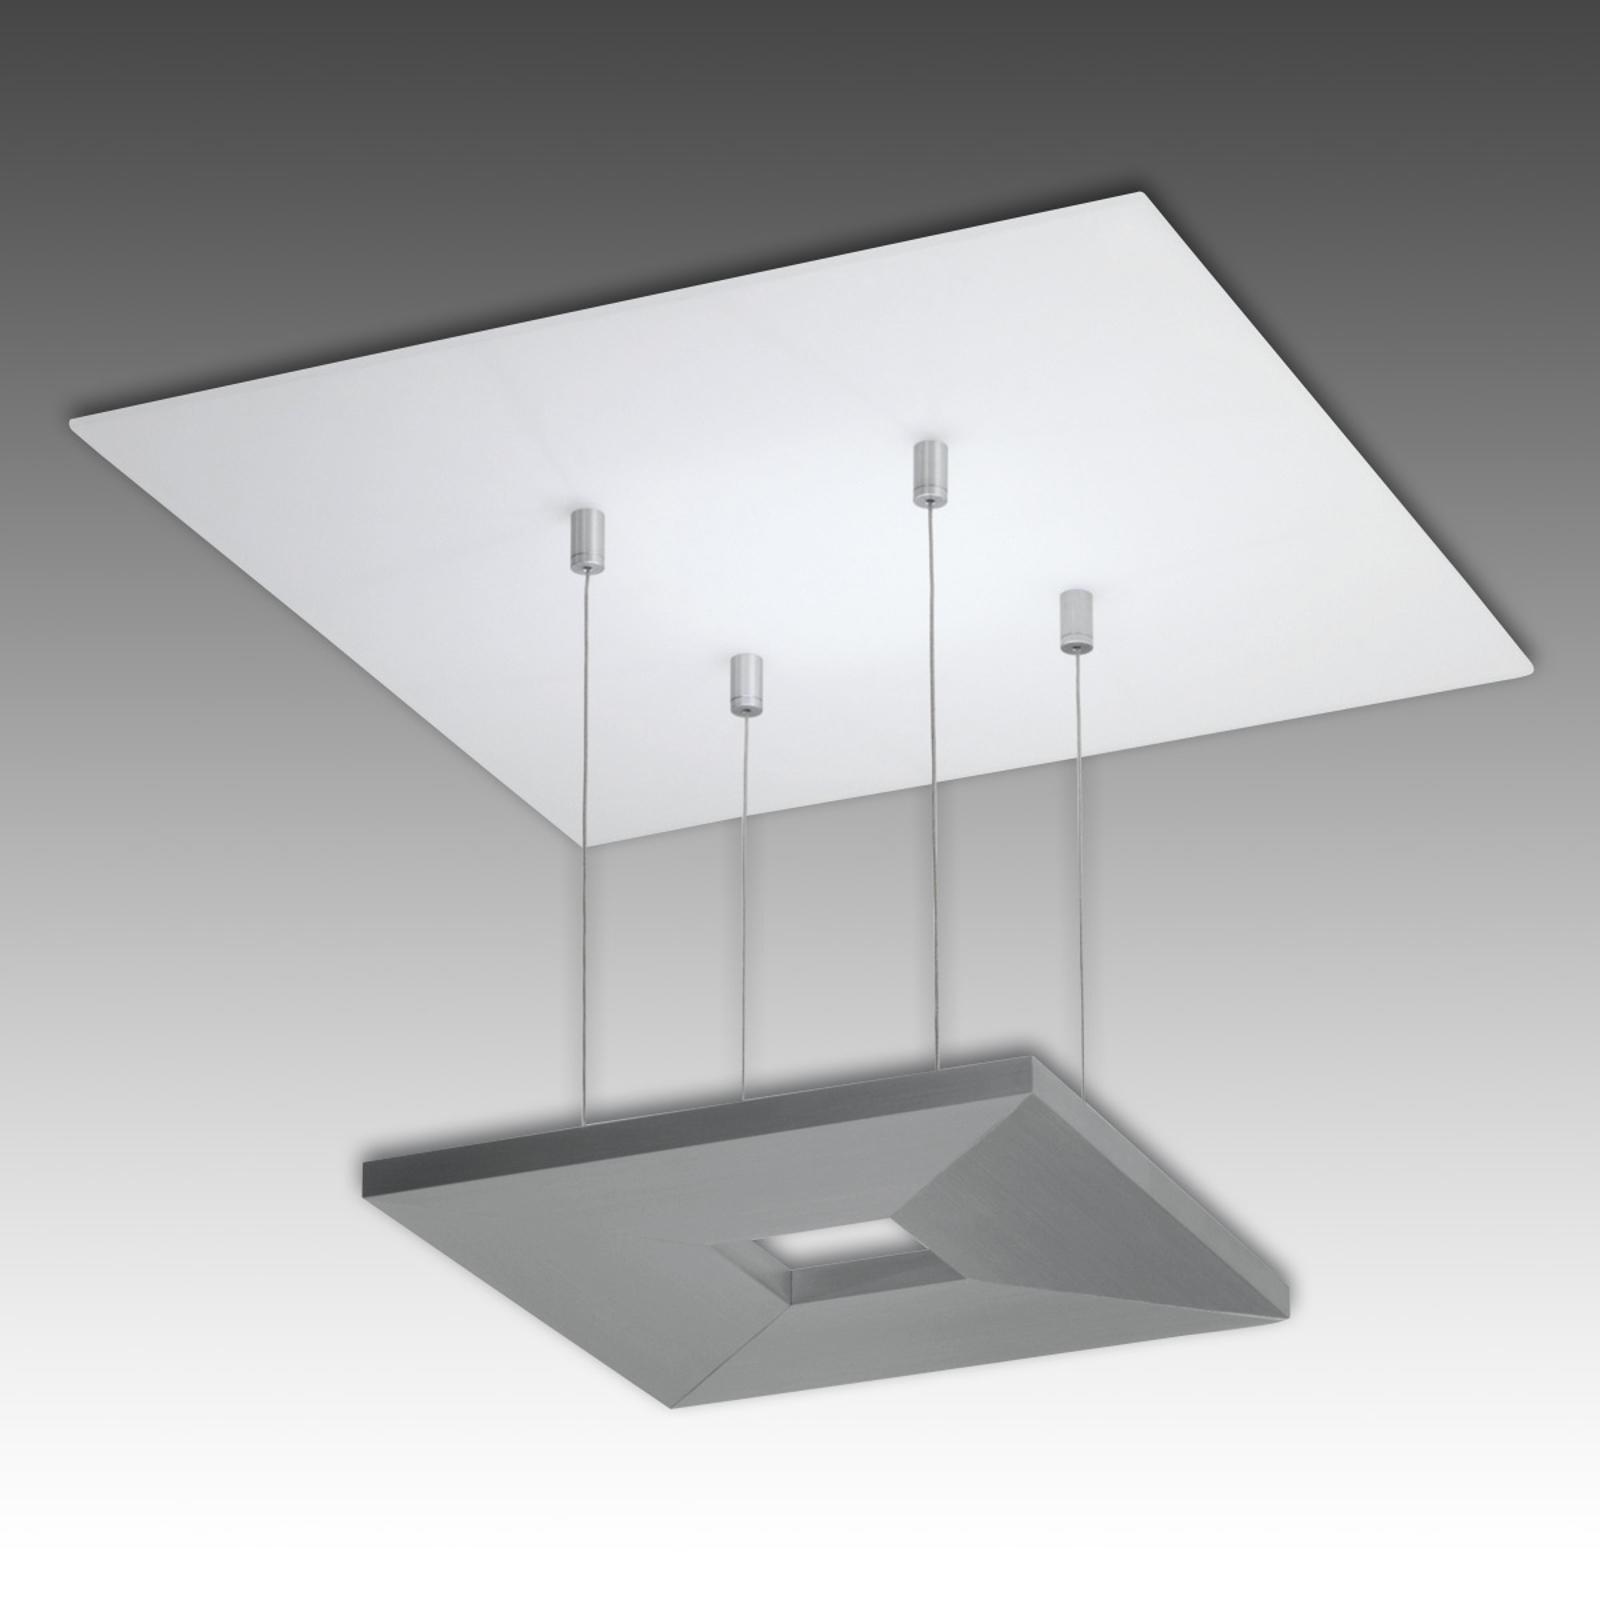 Escale Zen - aluminium LED ceiling light_3051065_1